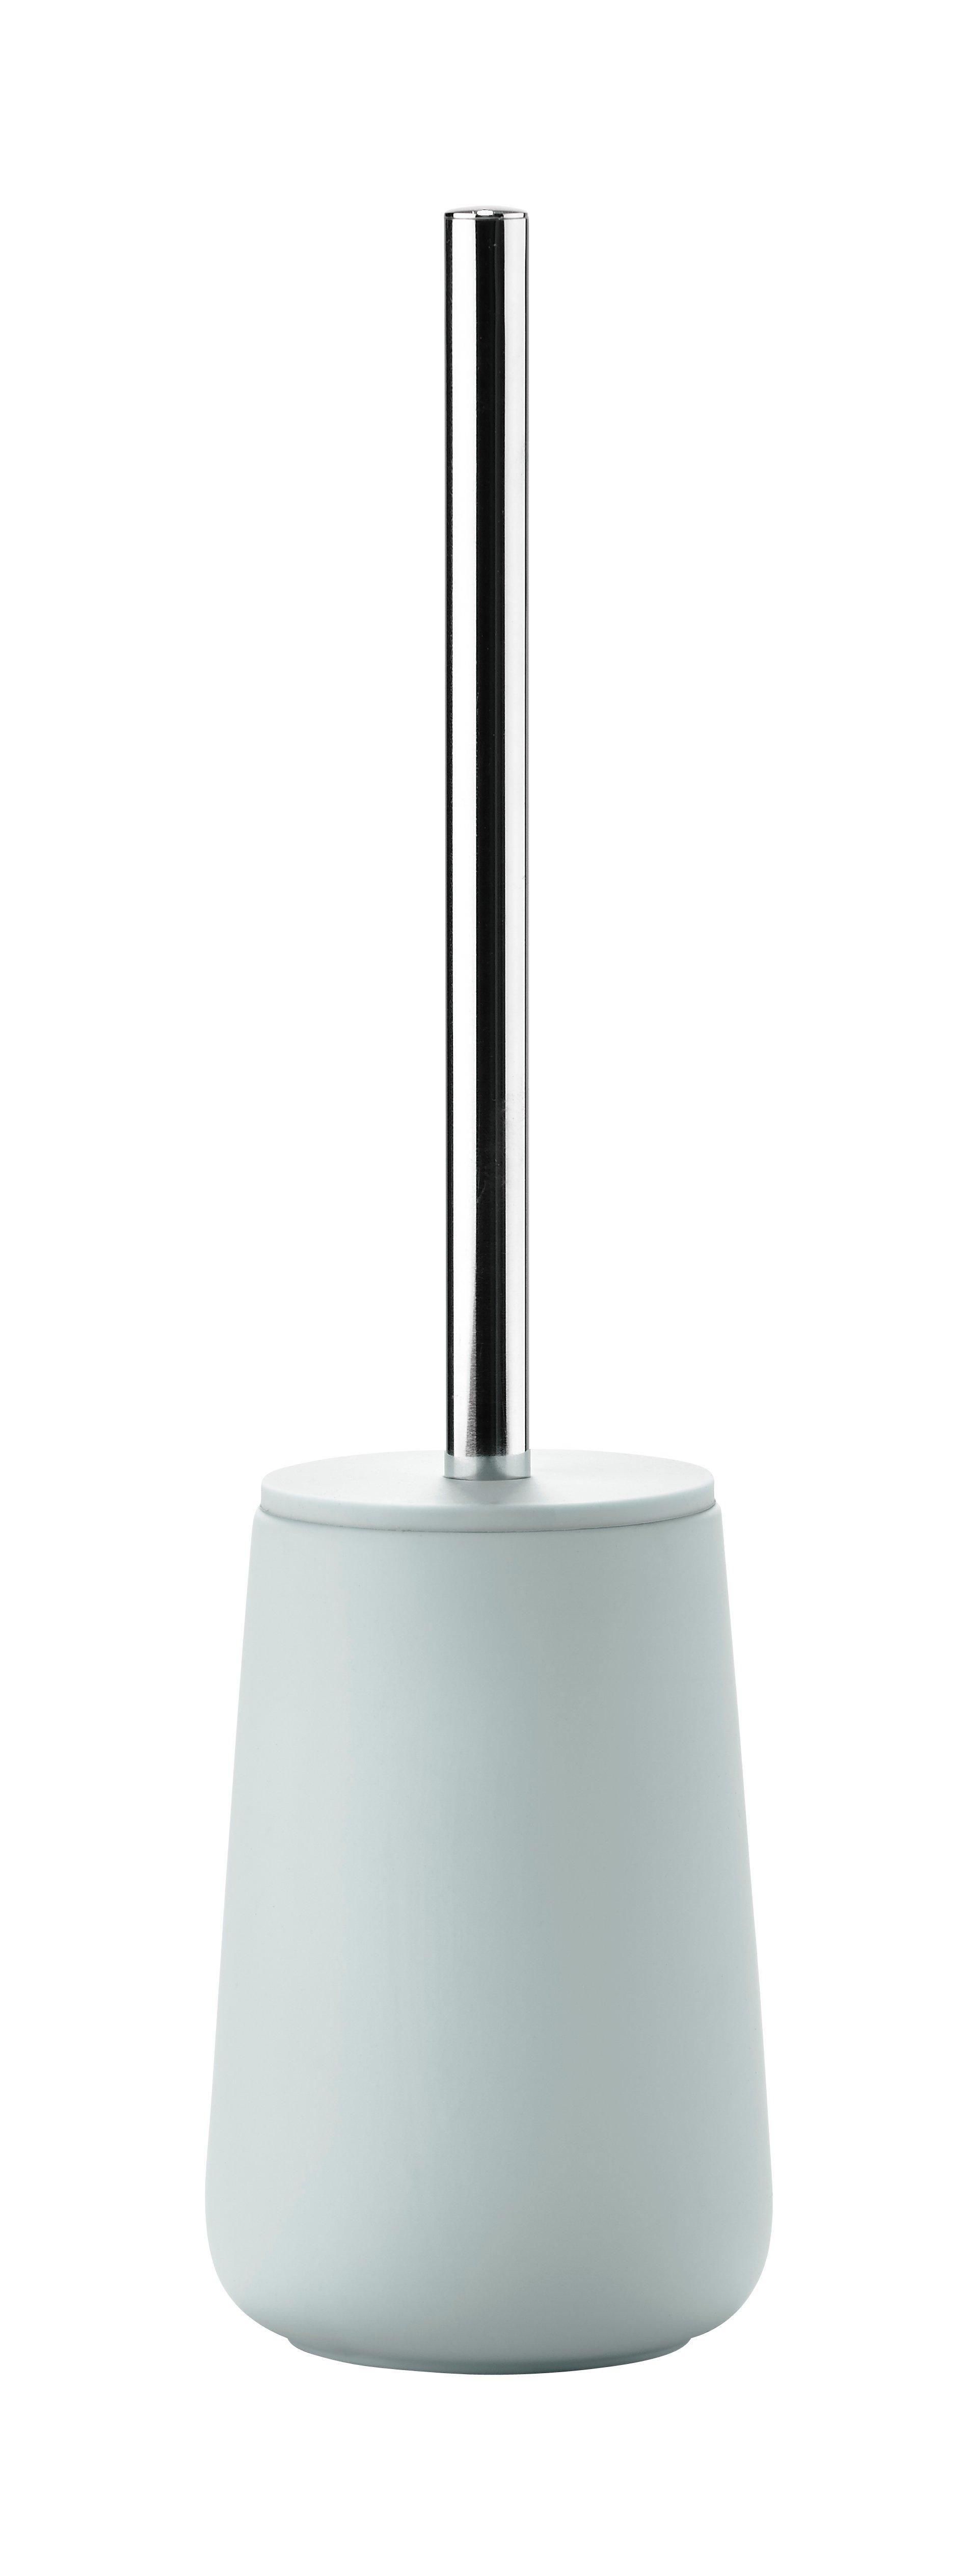 Zone - Nova Toilet Brush - Dusty Green (330125)